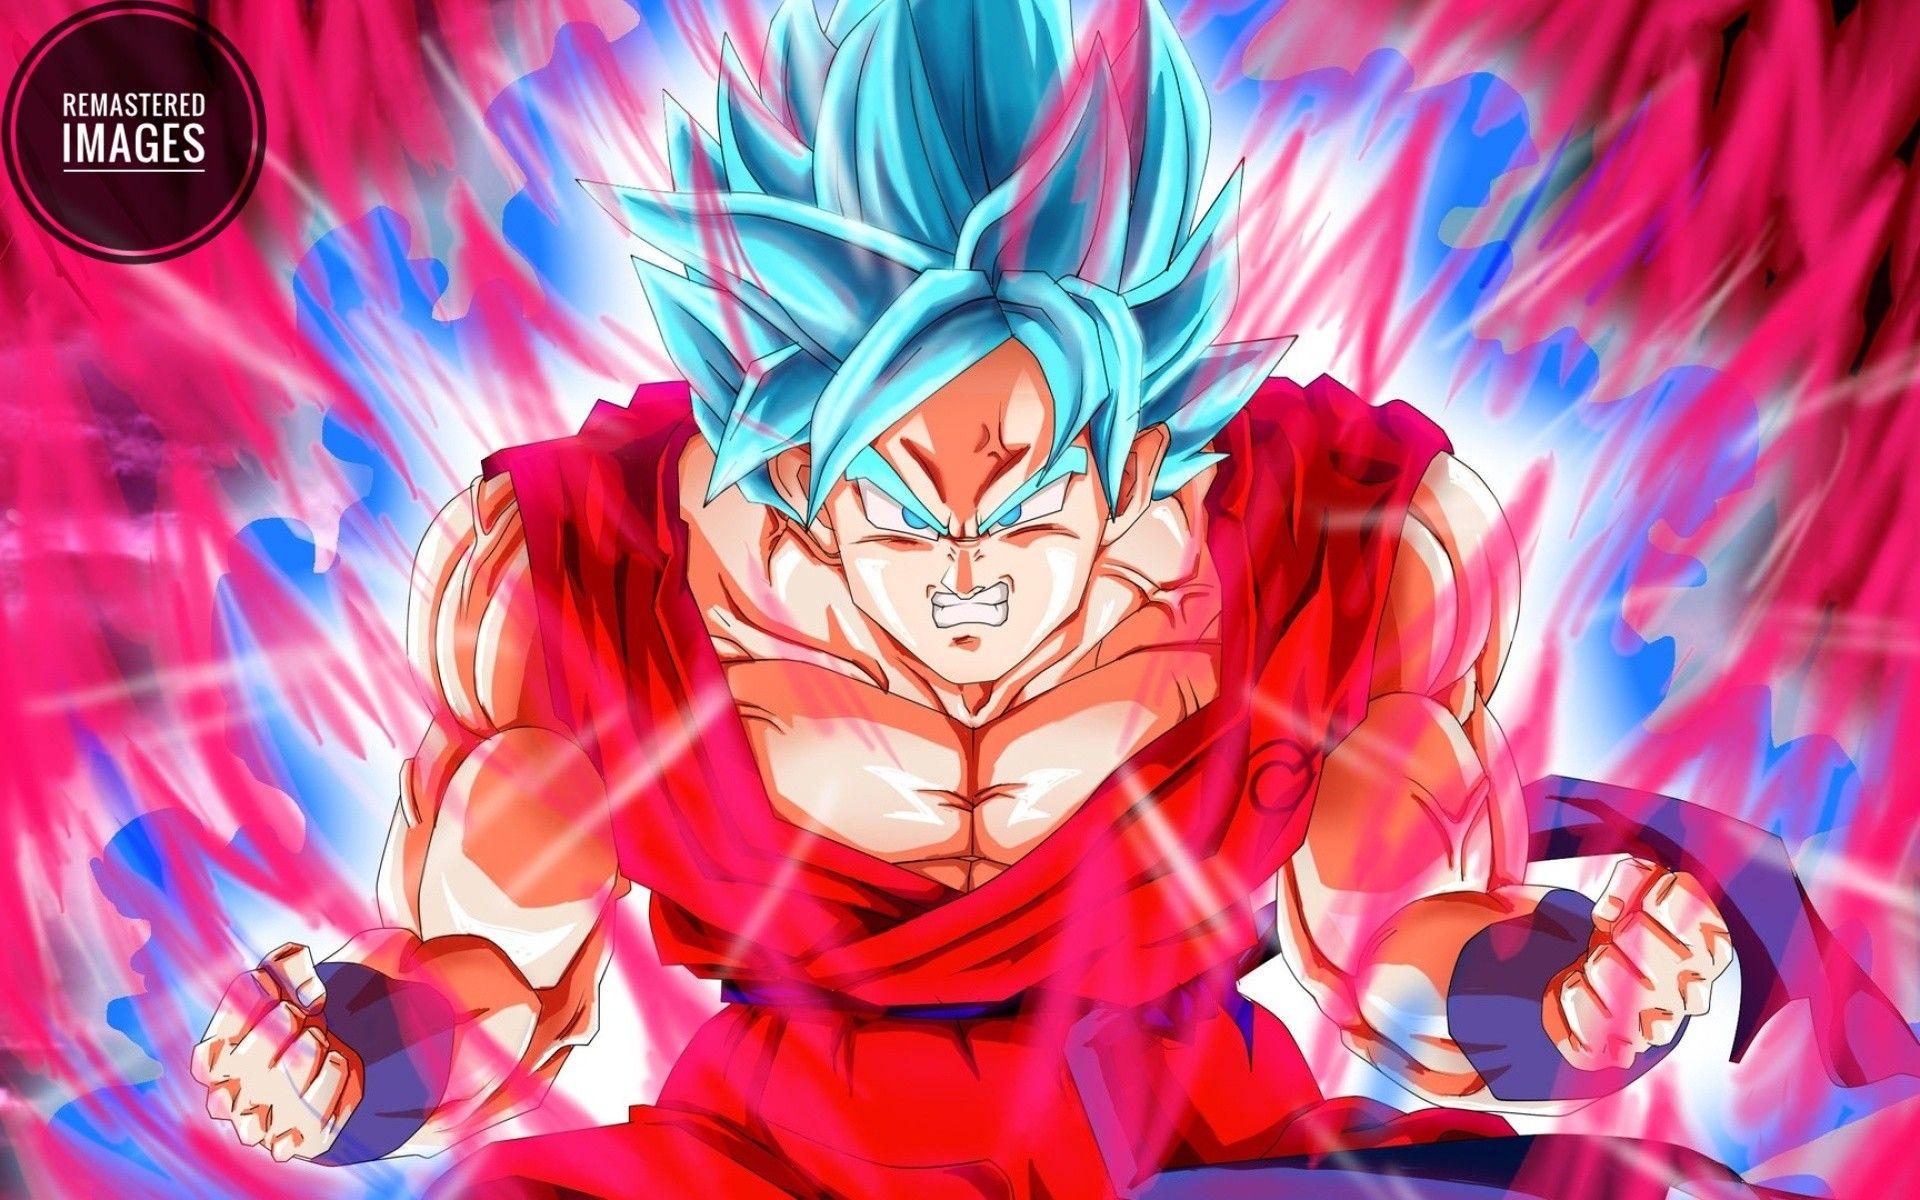 Goku ssj Blue Kaioken Super saiyan blue kaioken Goku super 1920x1200